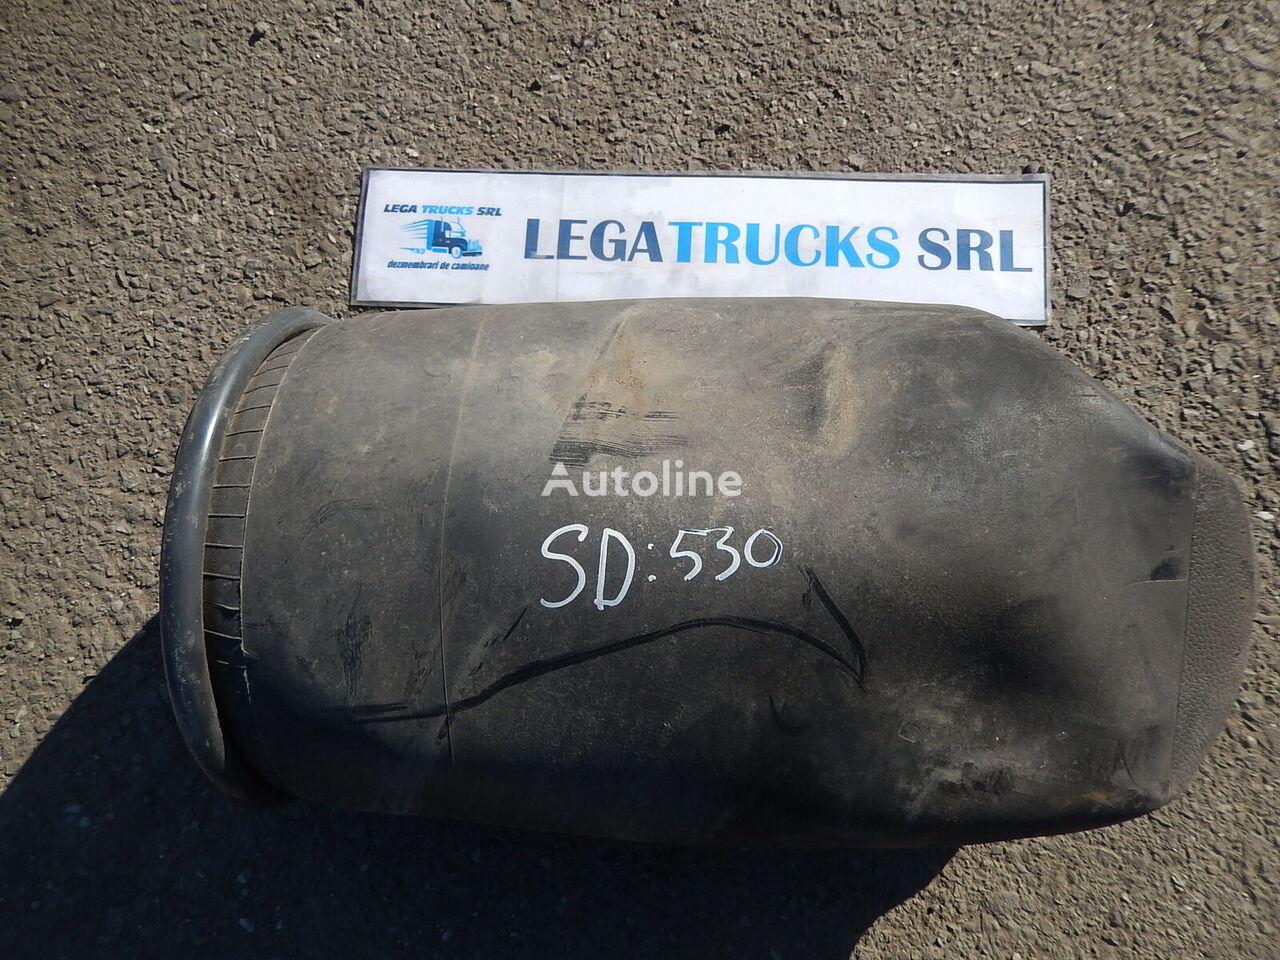 SCANIA 1543691 (SD530) suspensión neumática para SCANIA tractora